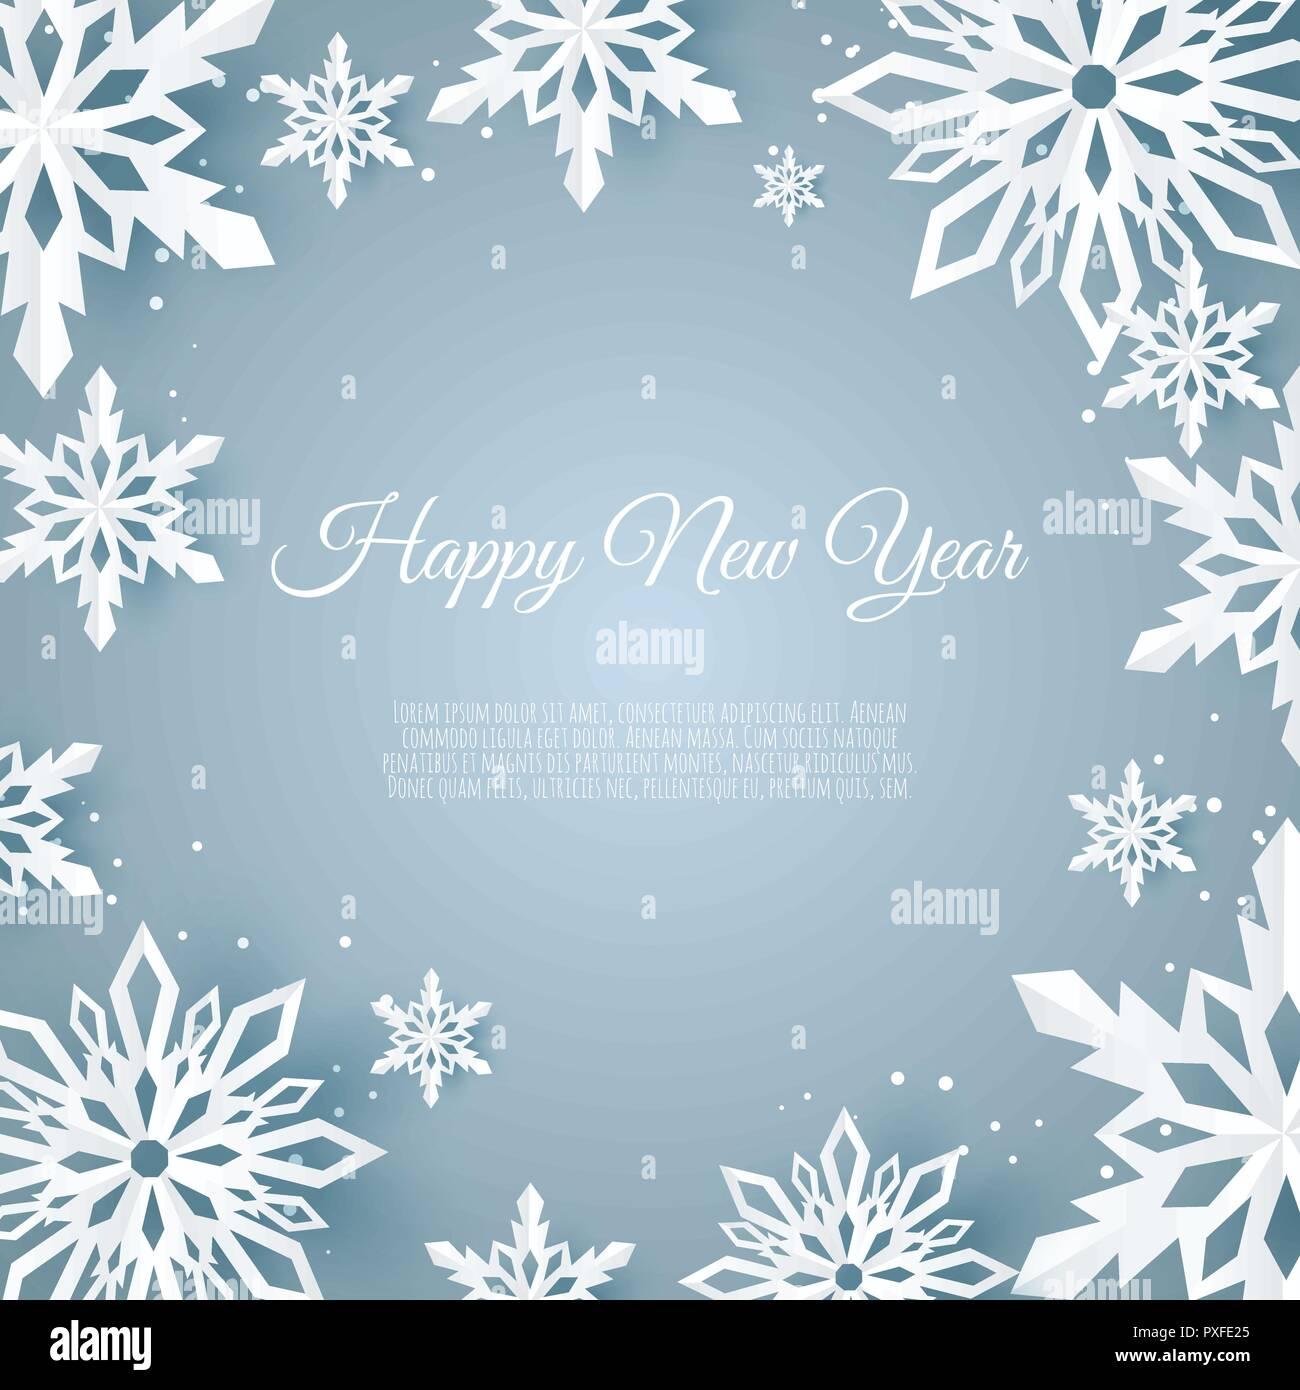 Weihnachtskarte Mit Papier Schneeflocke Fallende Schneeflocken Im